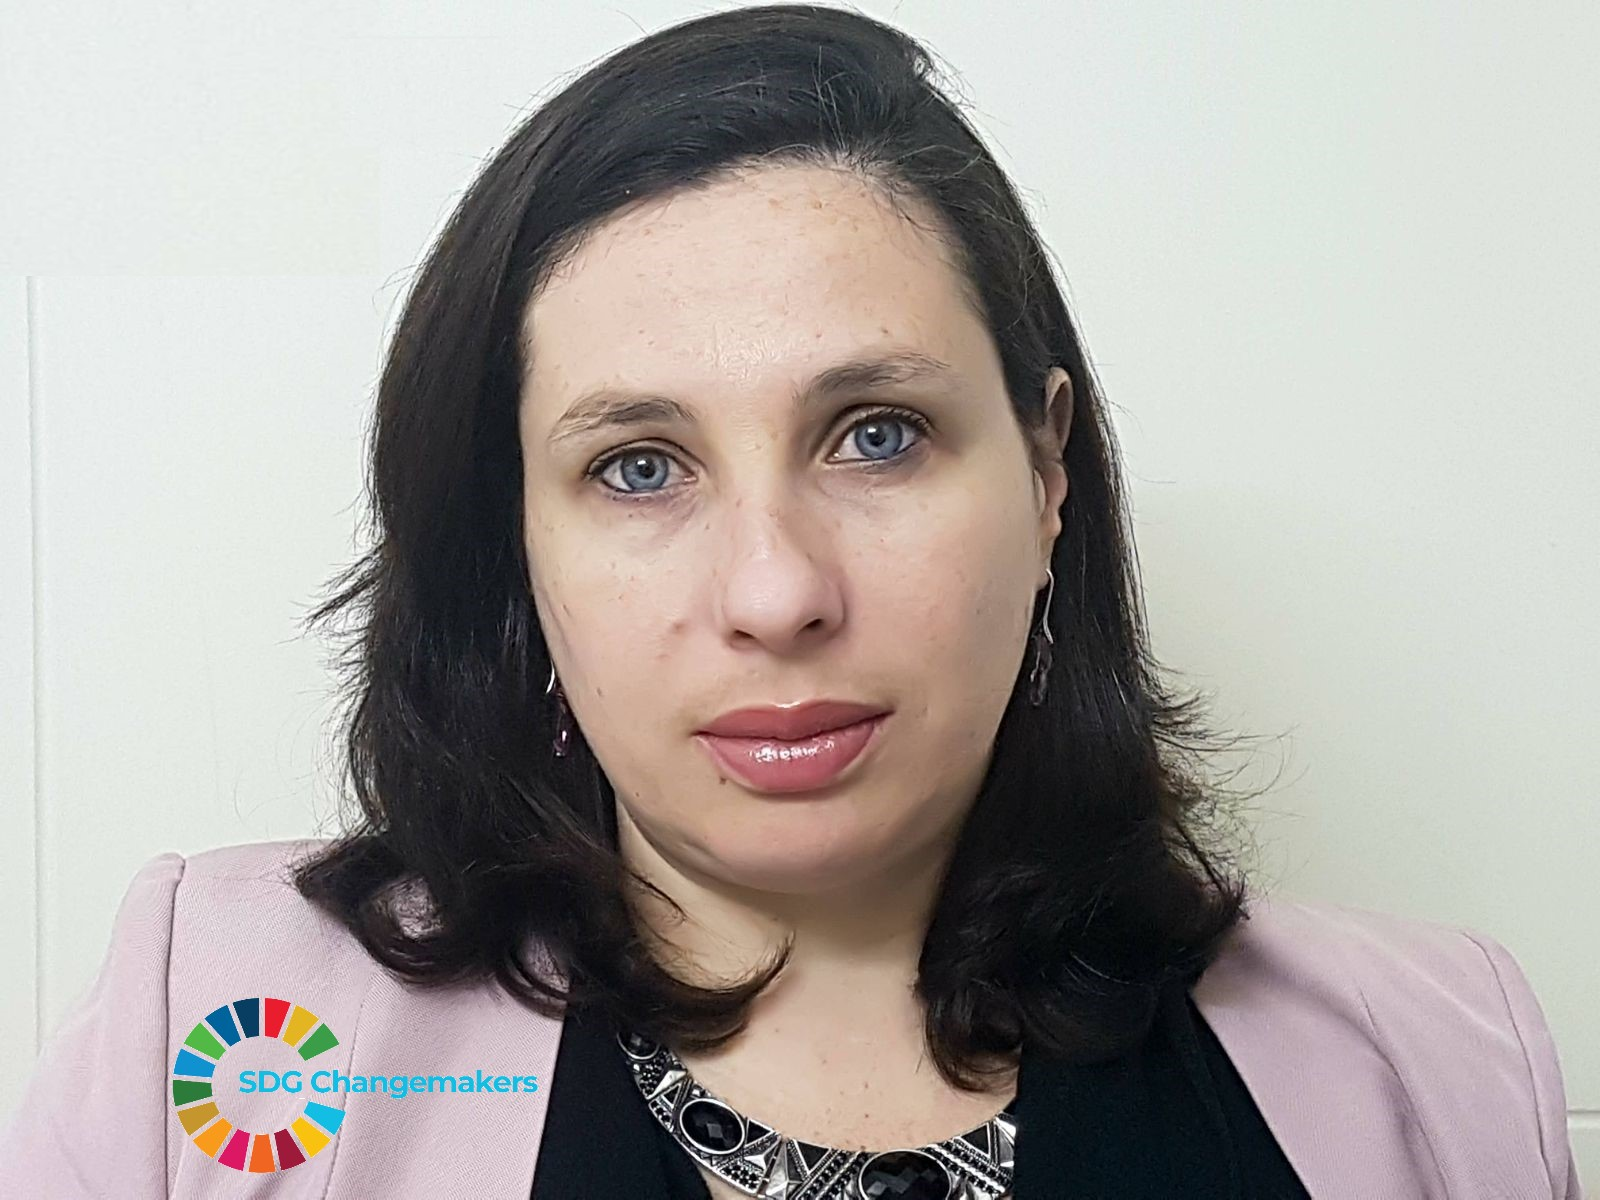 Yulia Eitan